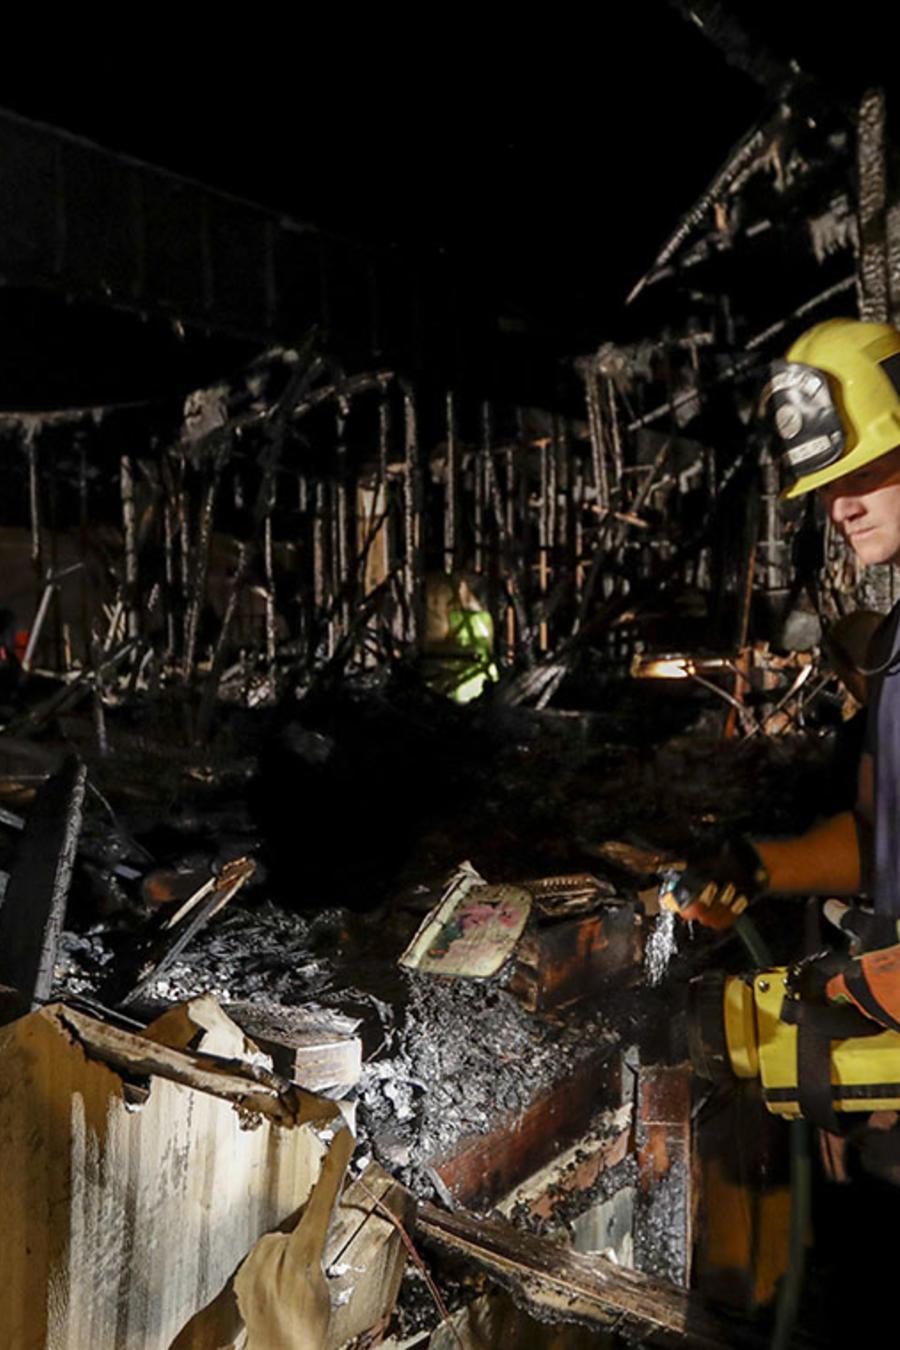 Un bombero revisa los escombros de una casa que se desplomó debido a un incendio.